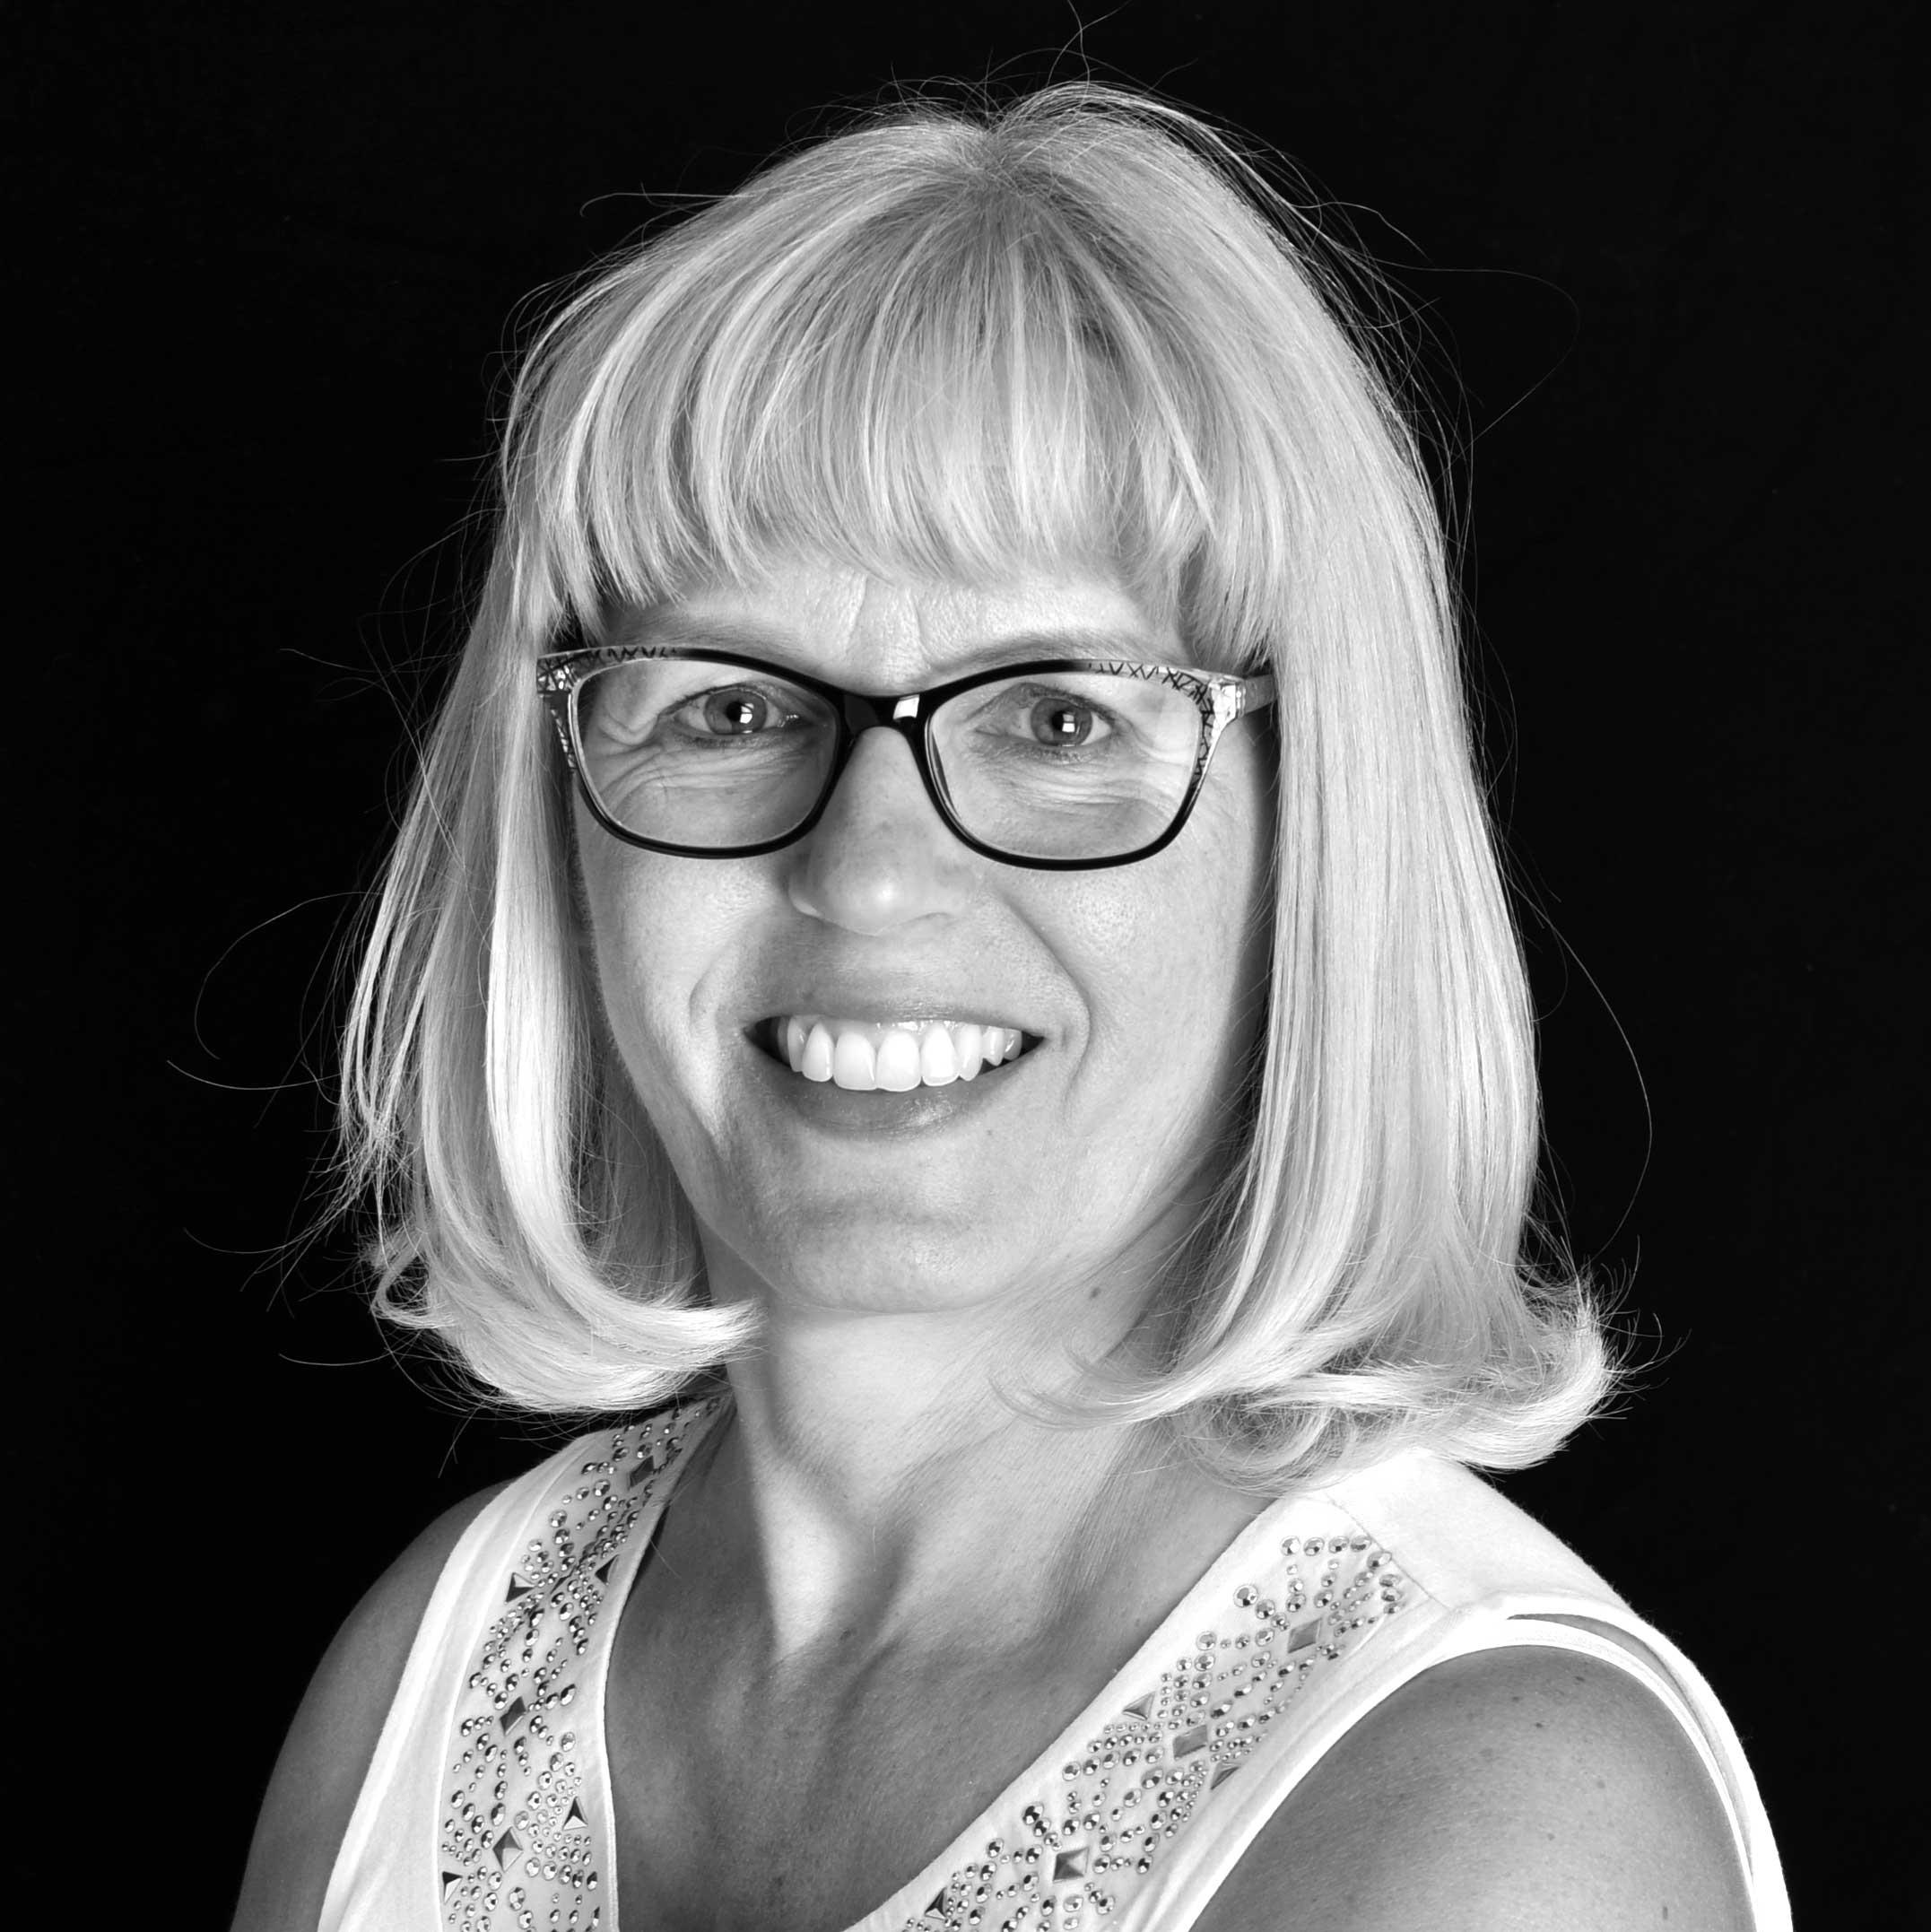 Denise Kroeker